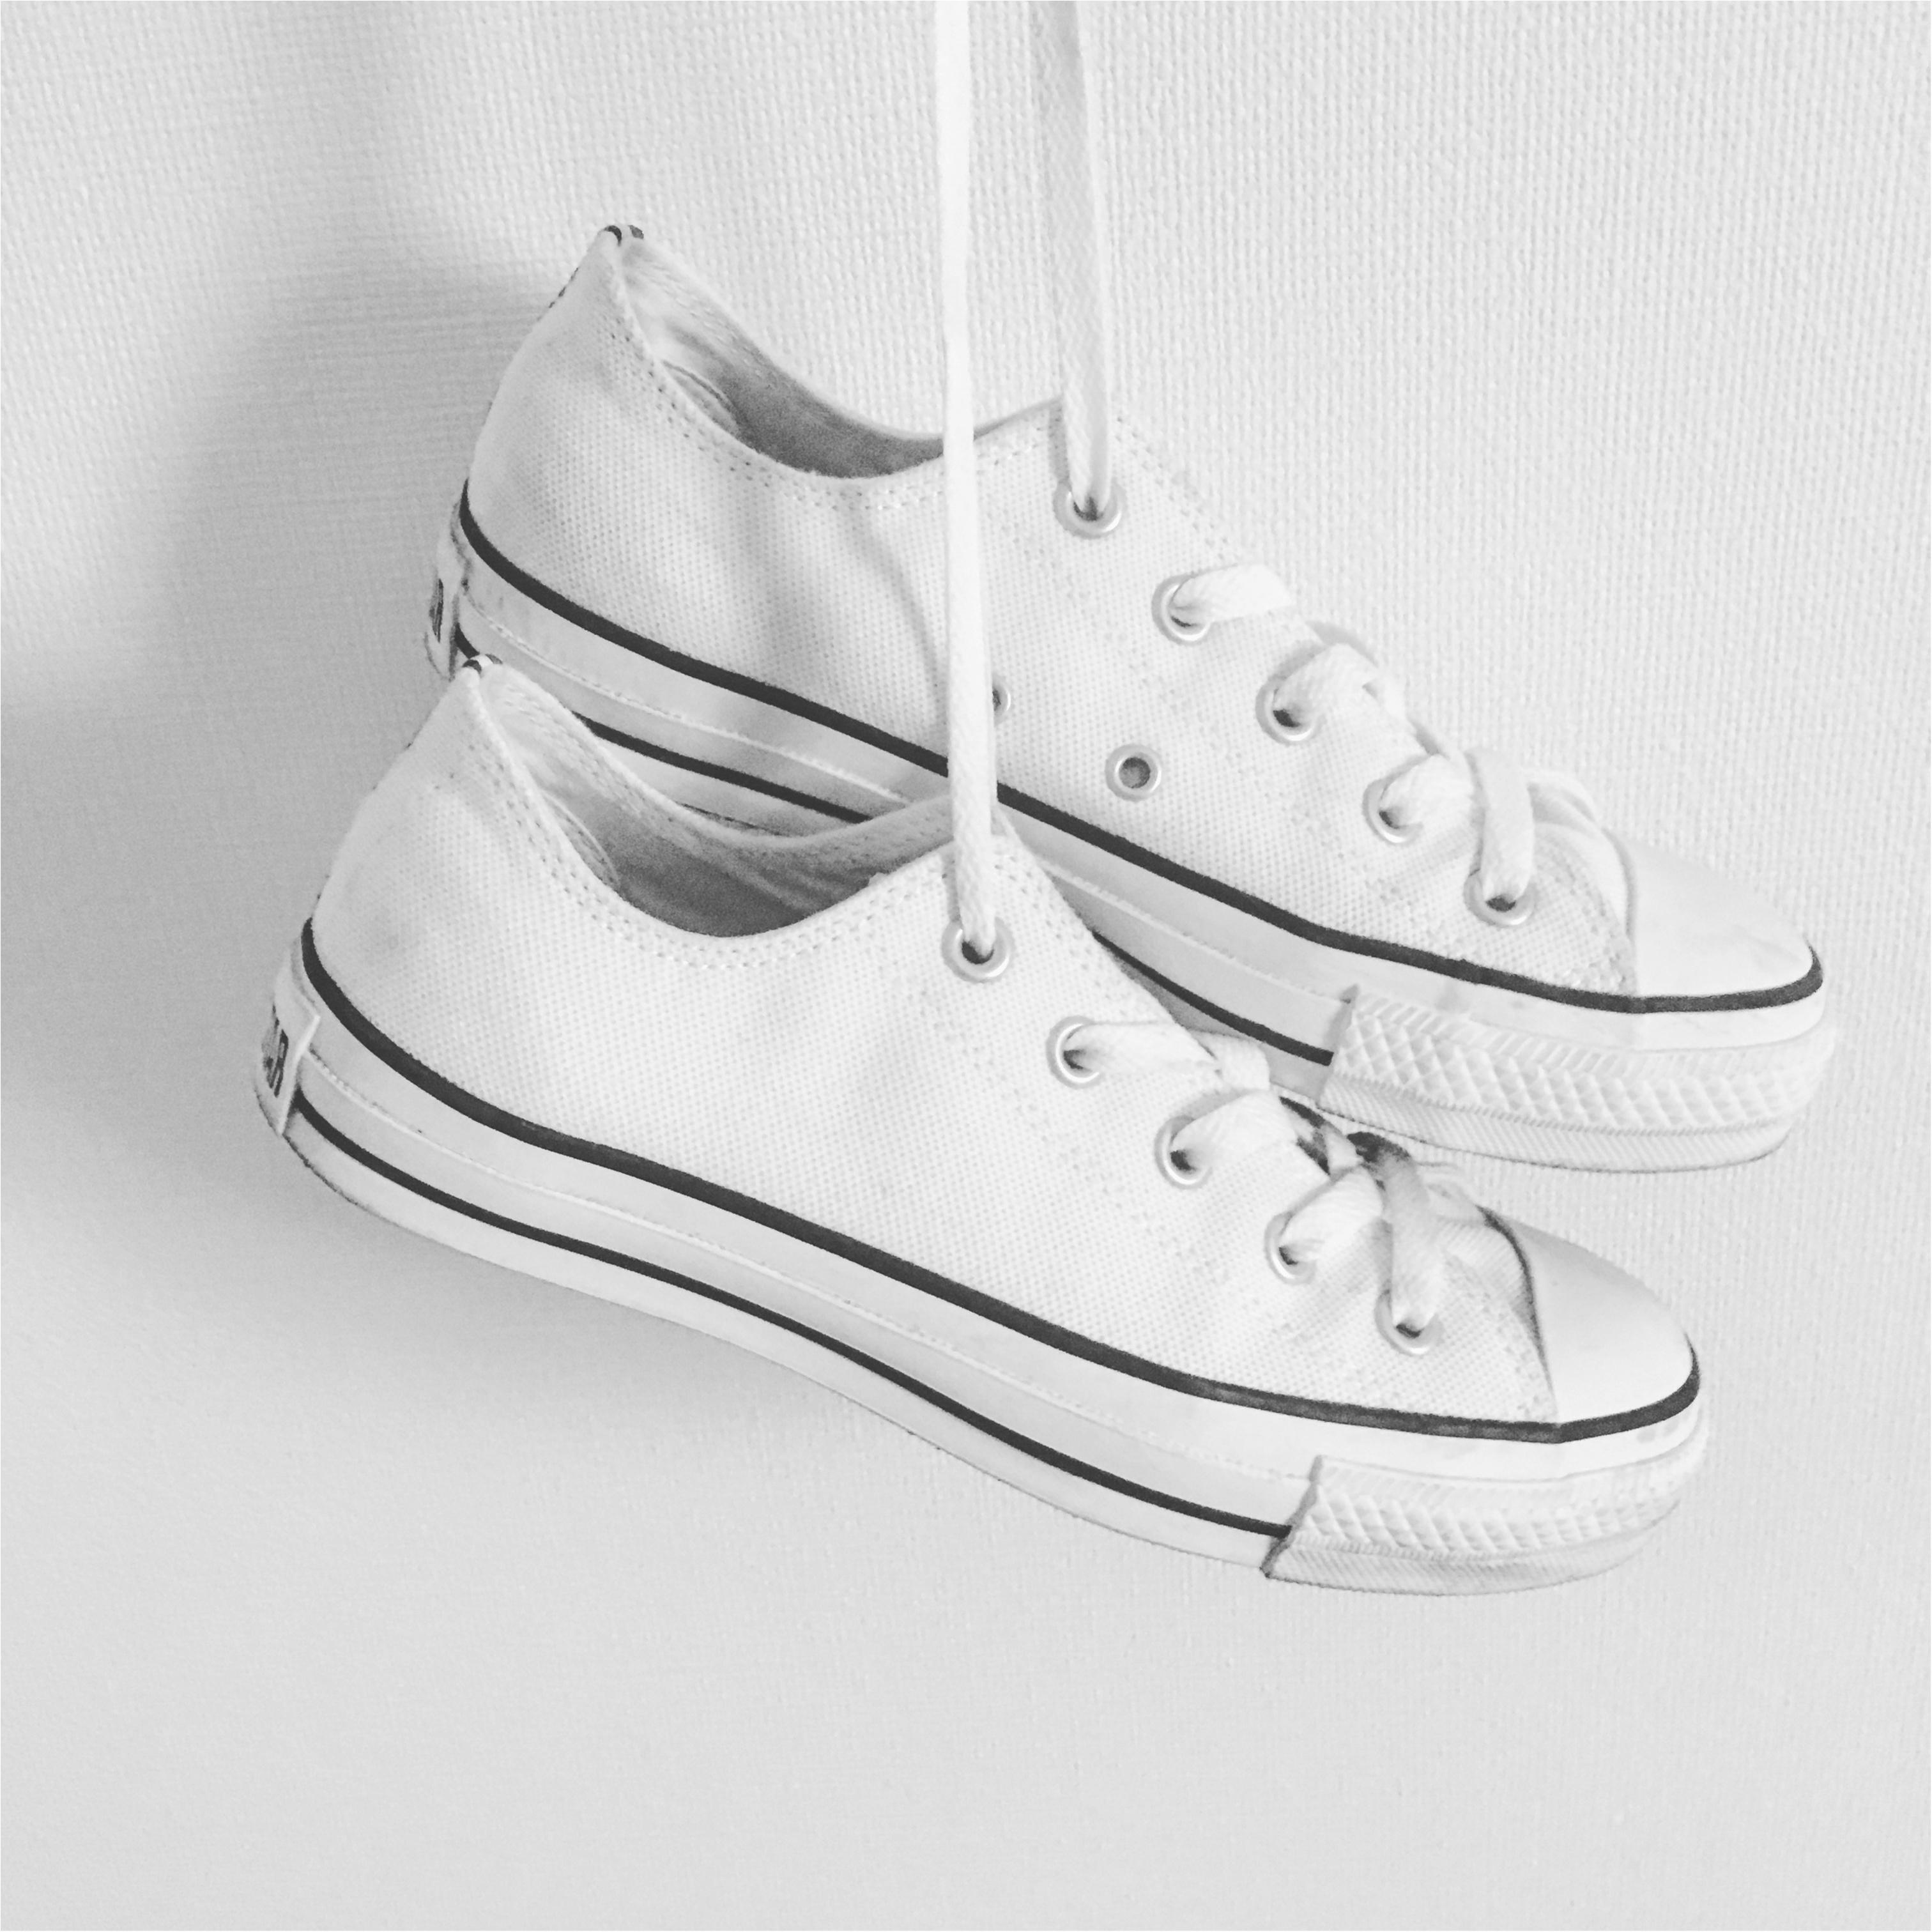 【白スニーカーはマストバイ】- 買ってよかったアイテム&気になるお手入れ方法 -_1